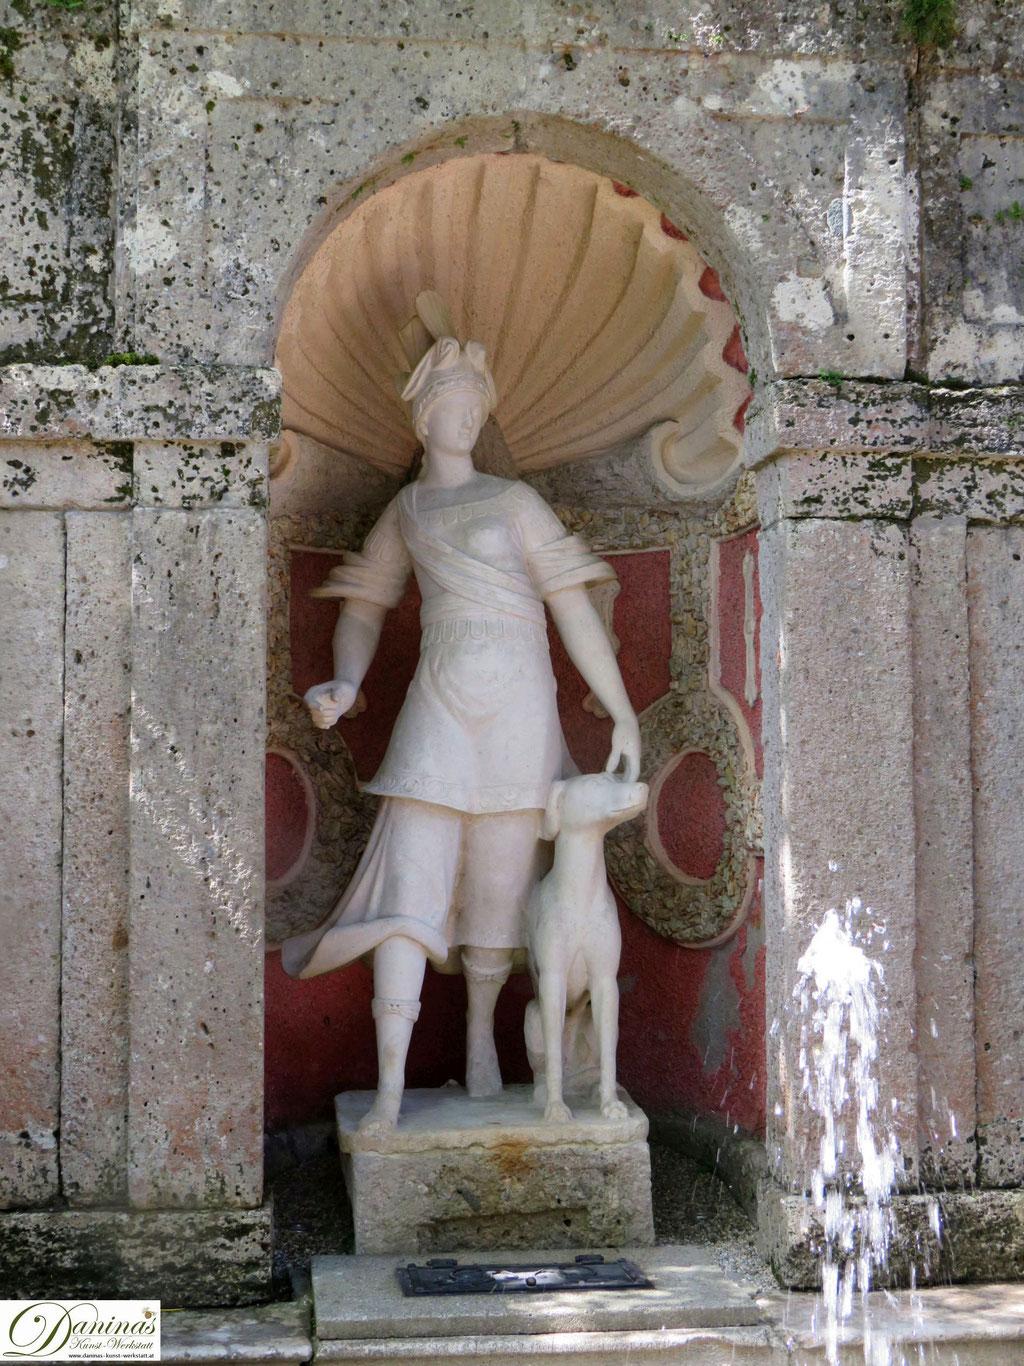 Brunnen der Göttin Diana, begleitet von einem Jagdhund - Hellbrunner Wasserspiele in Salzburg